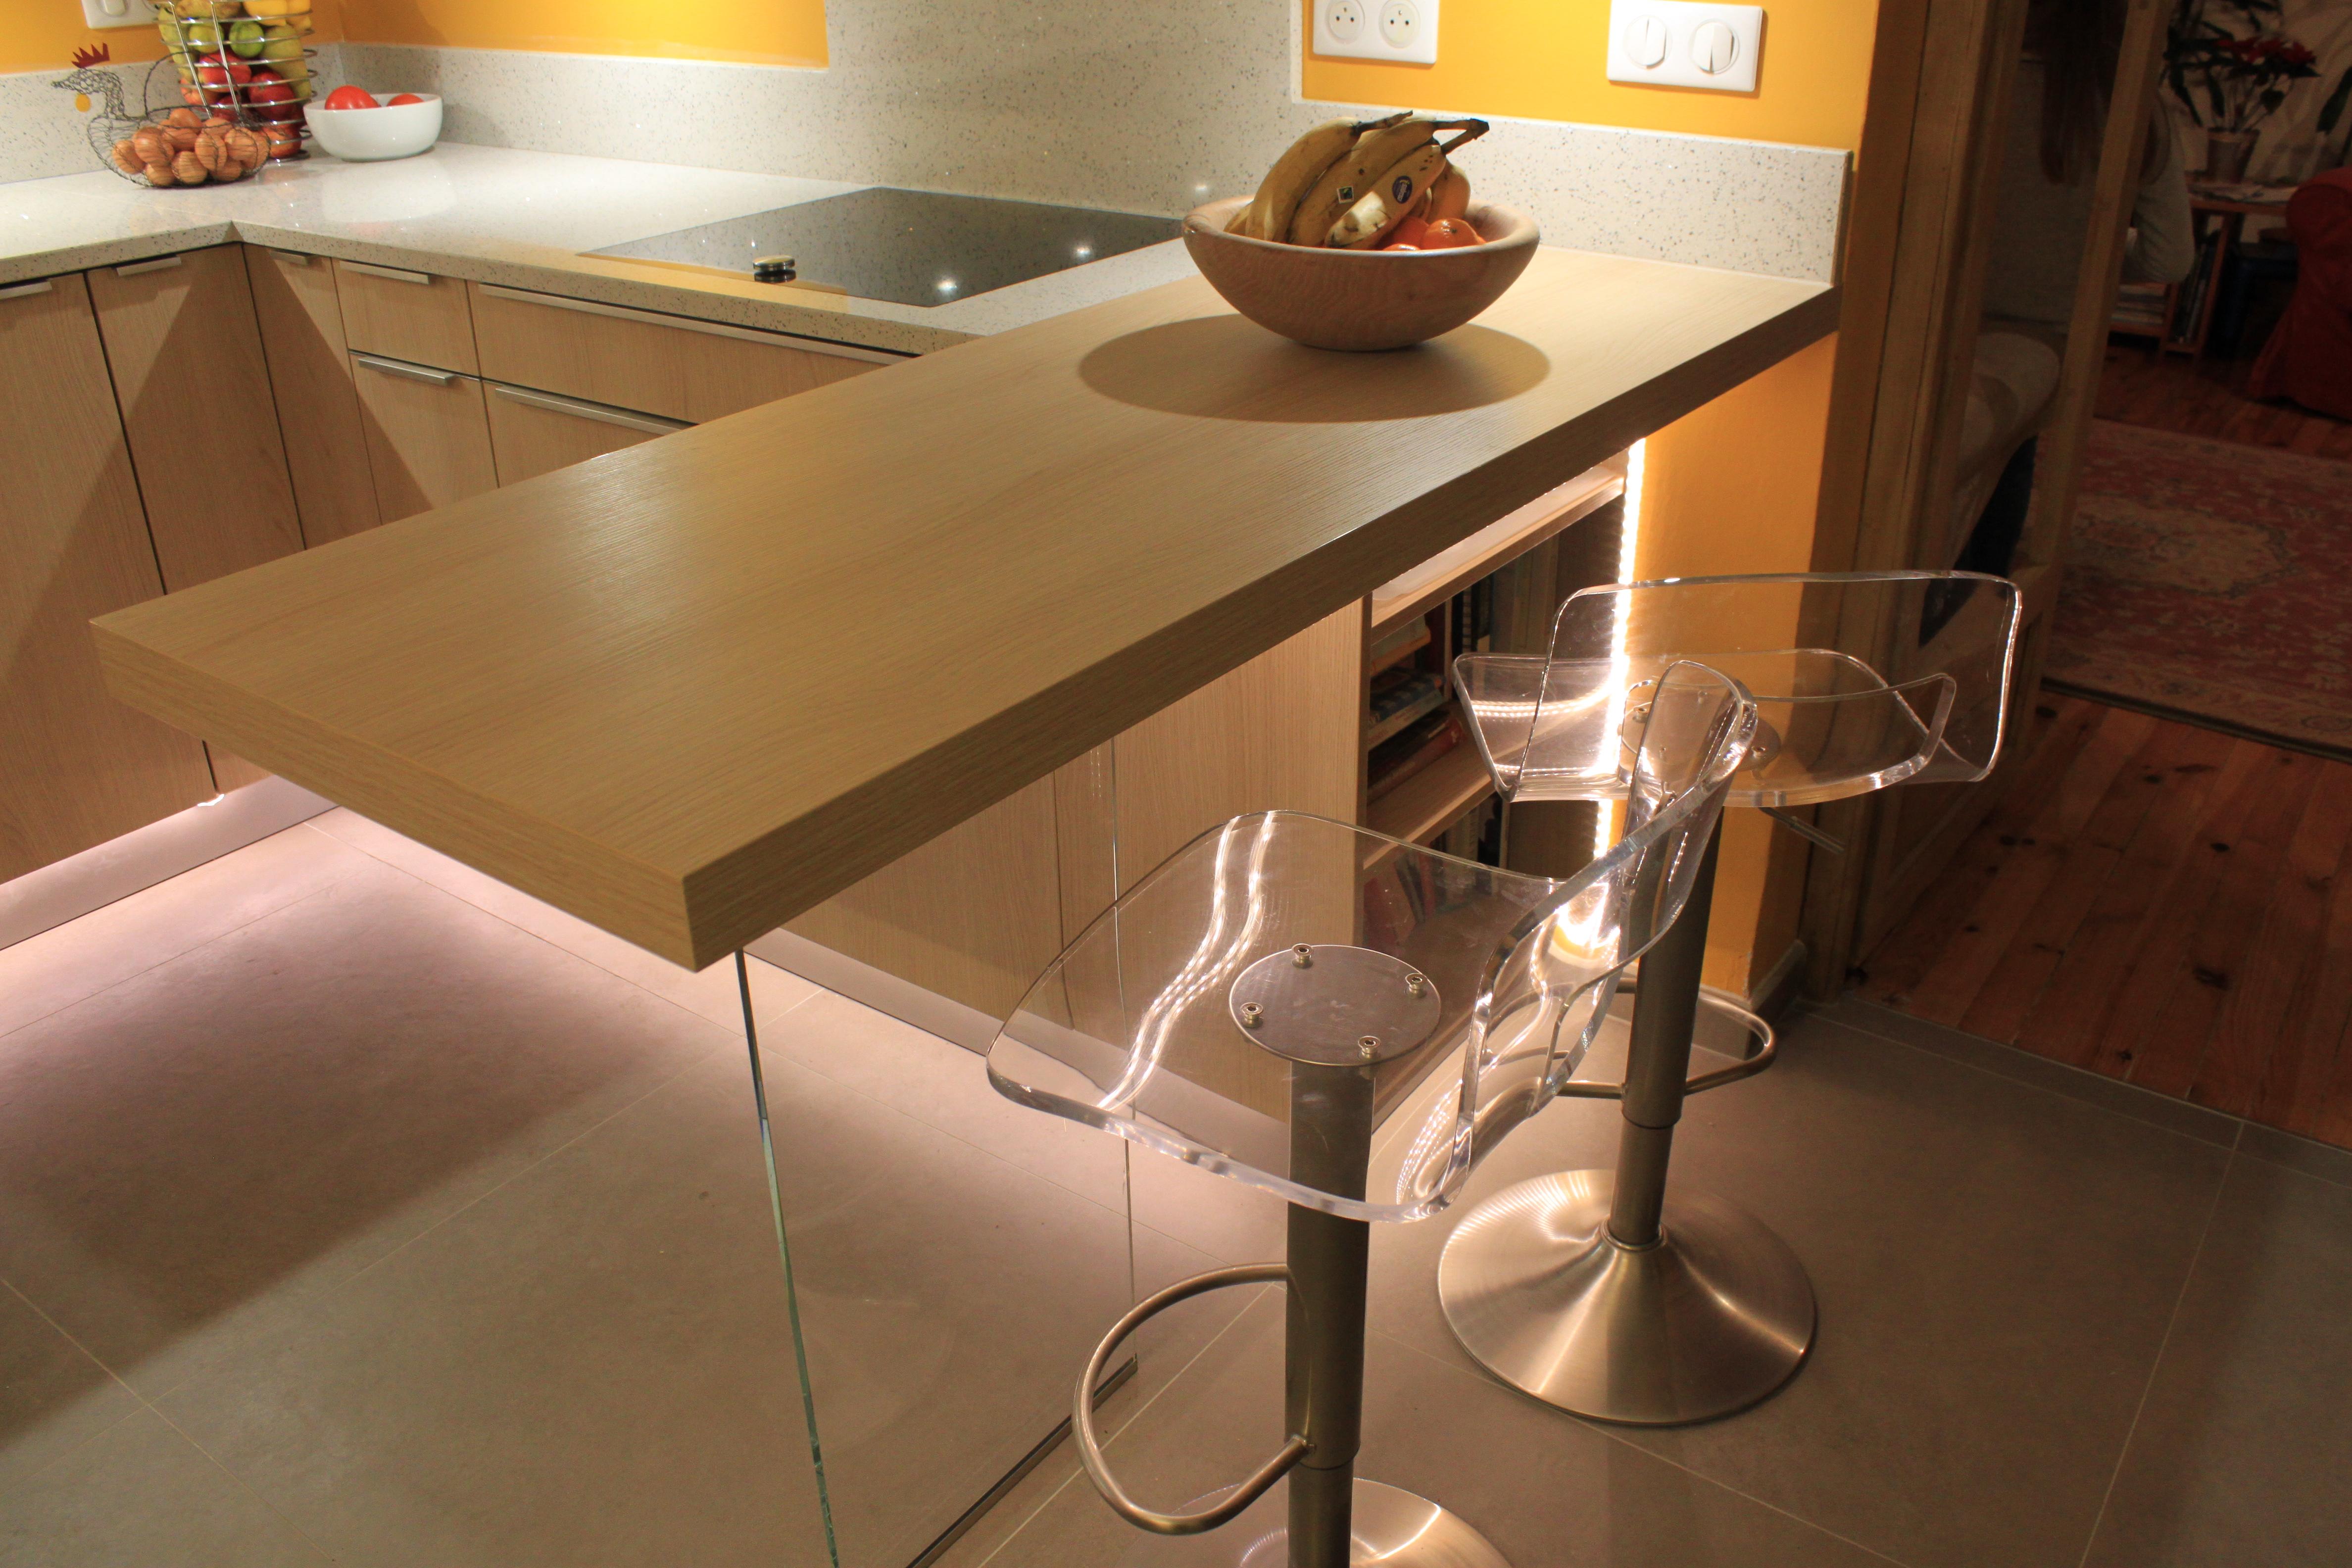 Equipement int rieur cuisine annecy 74 for Equipement interieur meuble cuisine